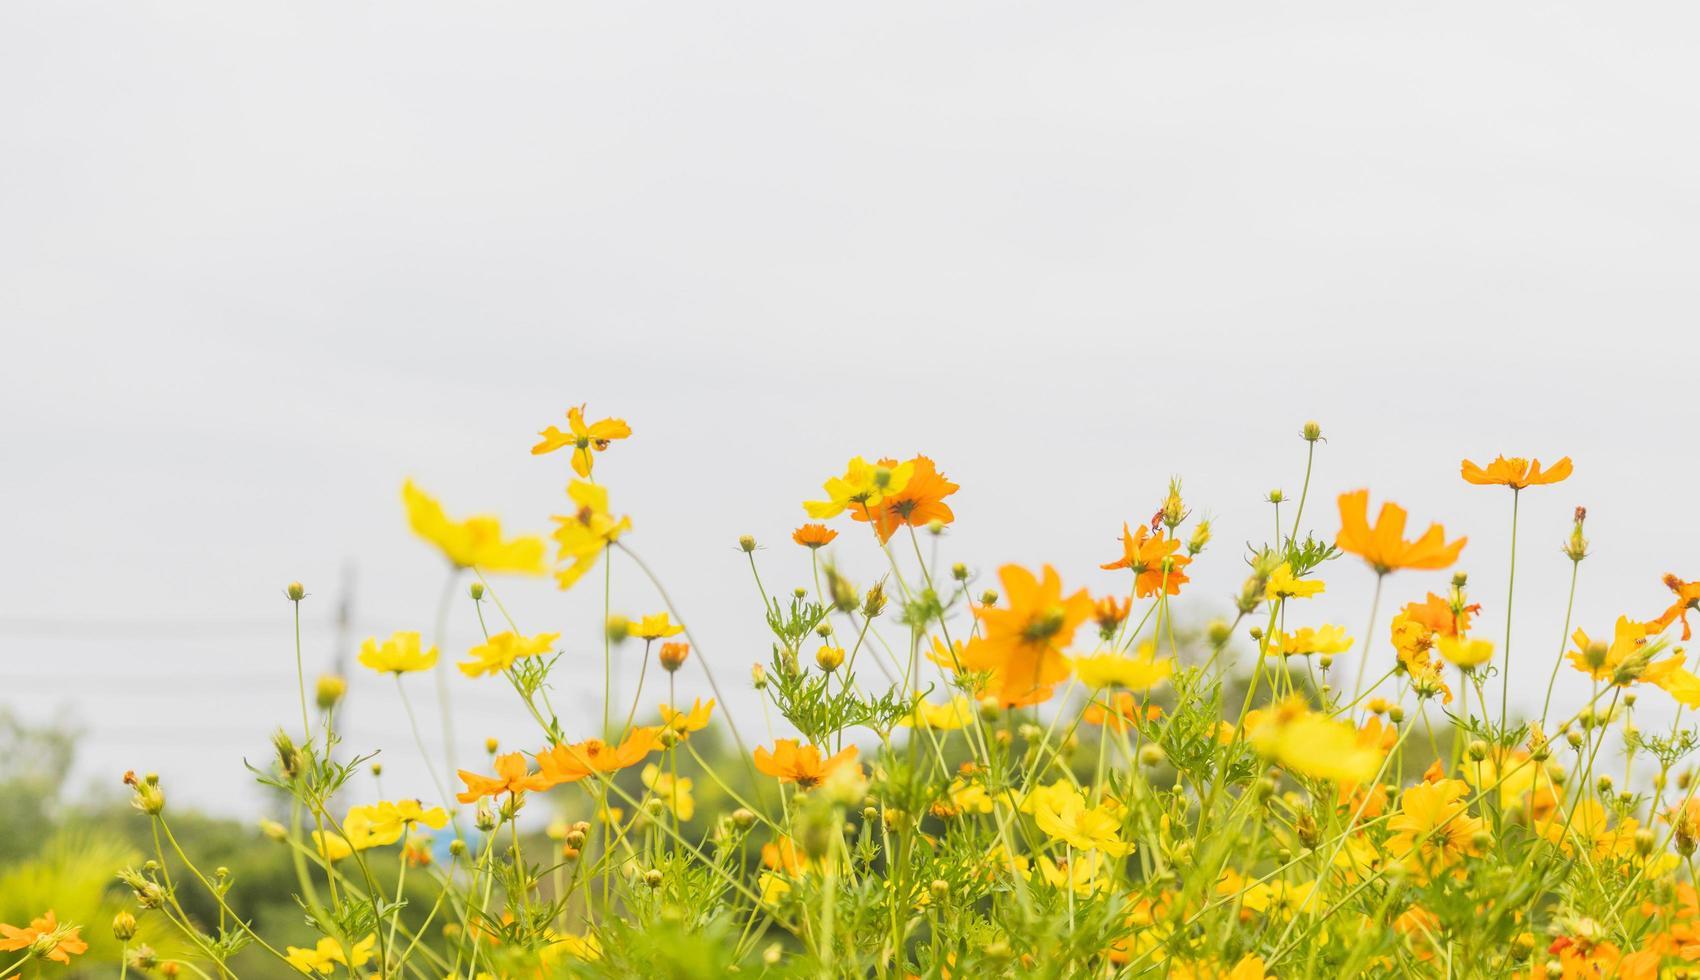 Blumen blühen im Garten foto